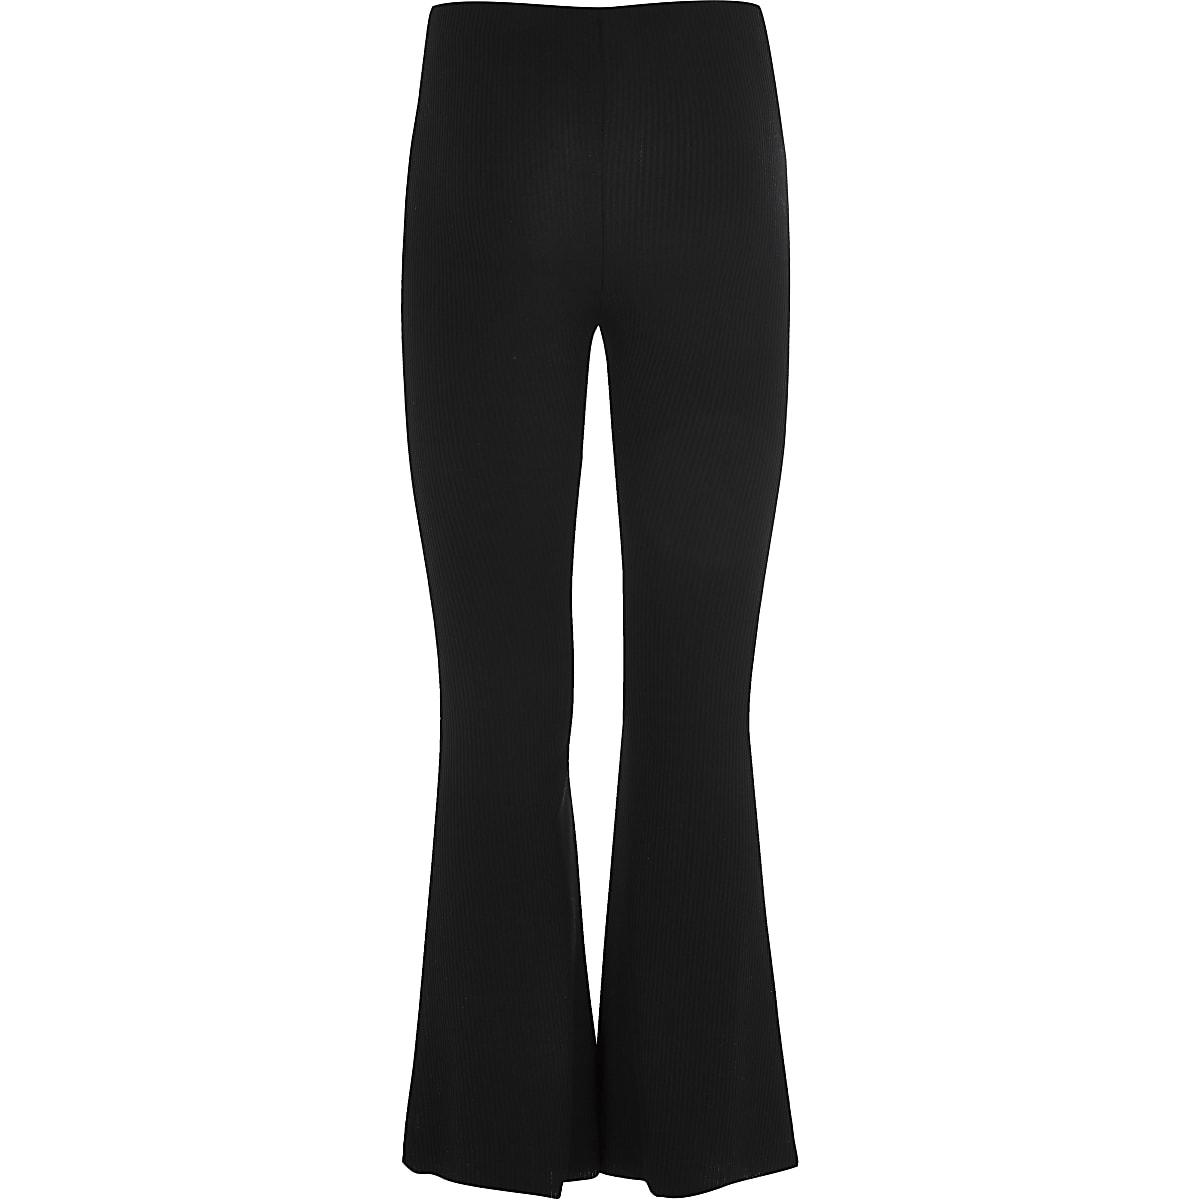 Pantalon noir côtelé évasé pour fille